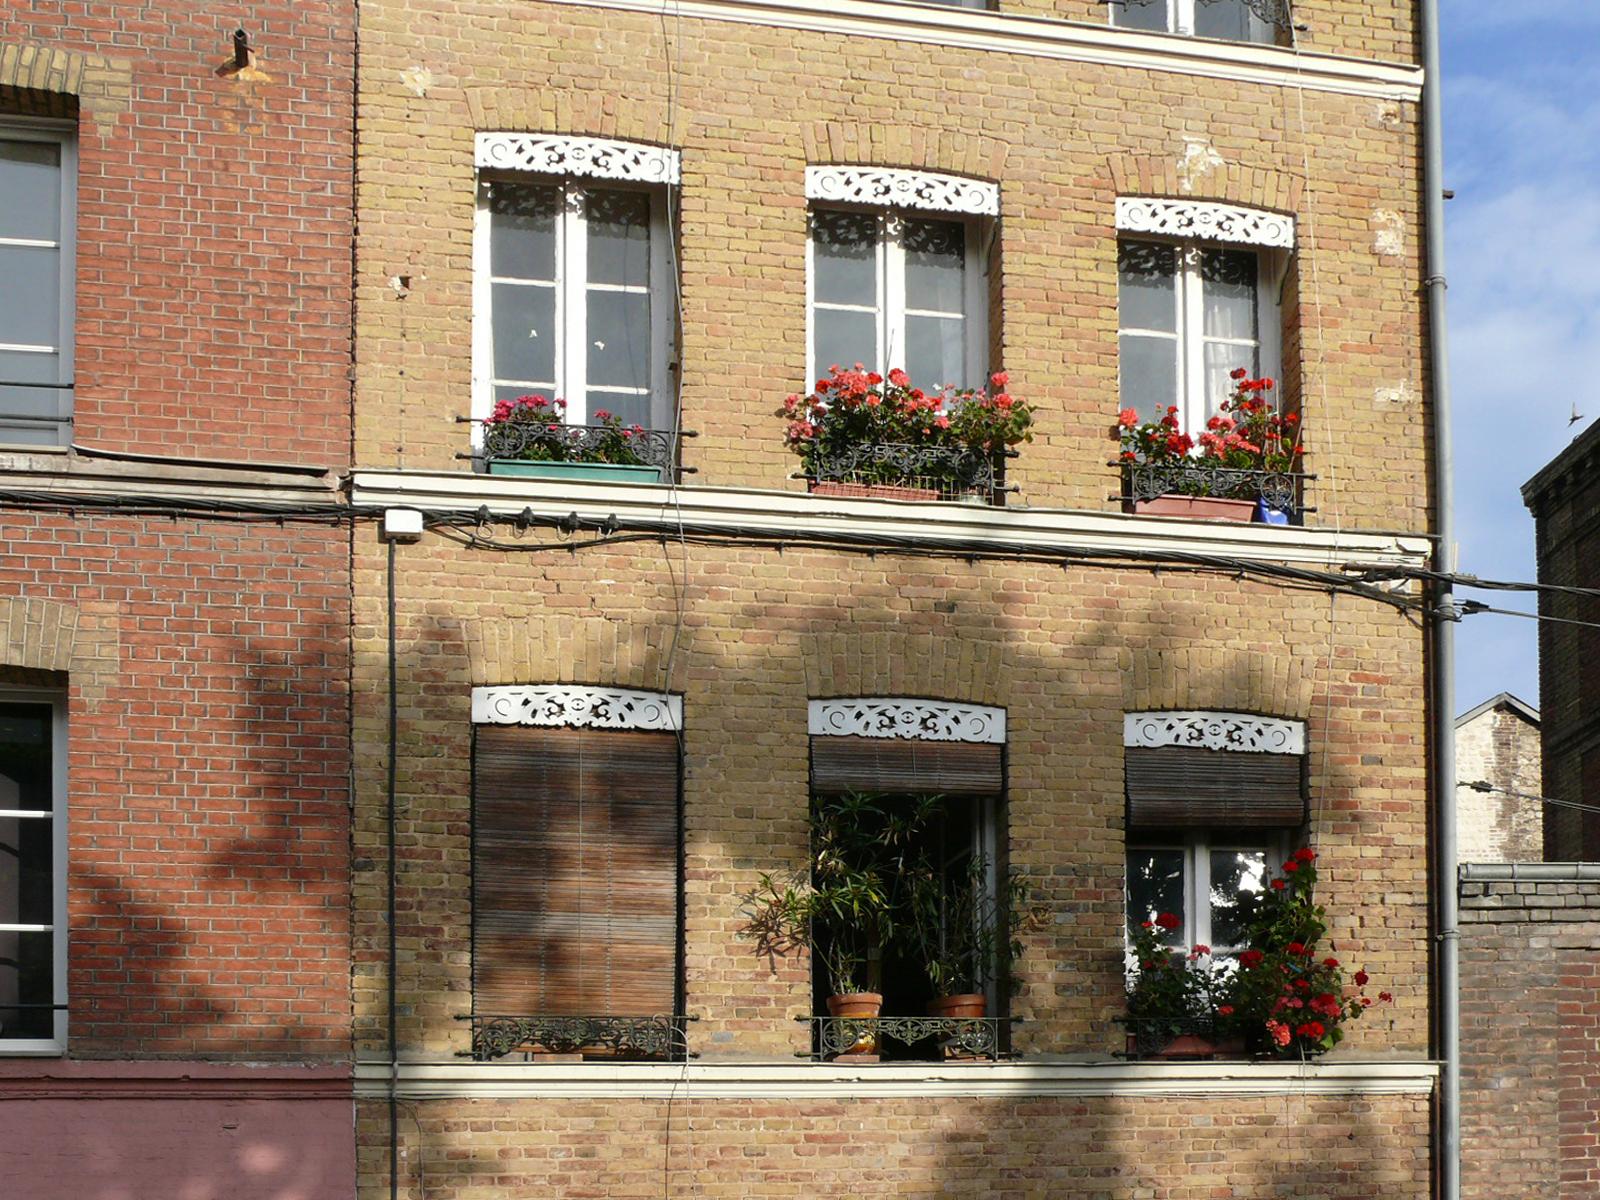 Couleur Façade Maison Ancienne les façades elbeuviennes : quelle rénovation ? - mairie elbeuf